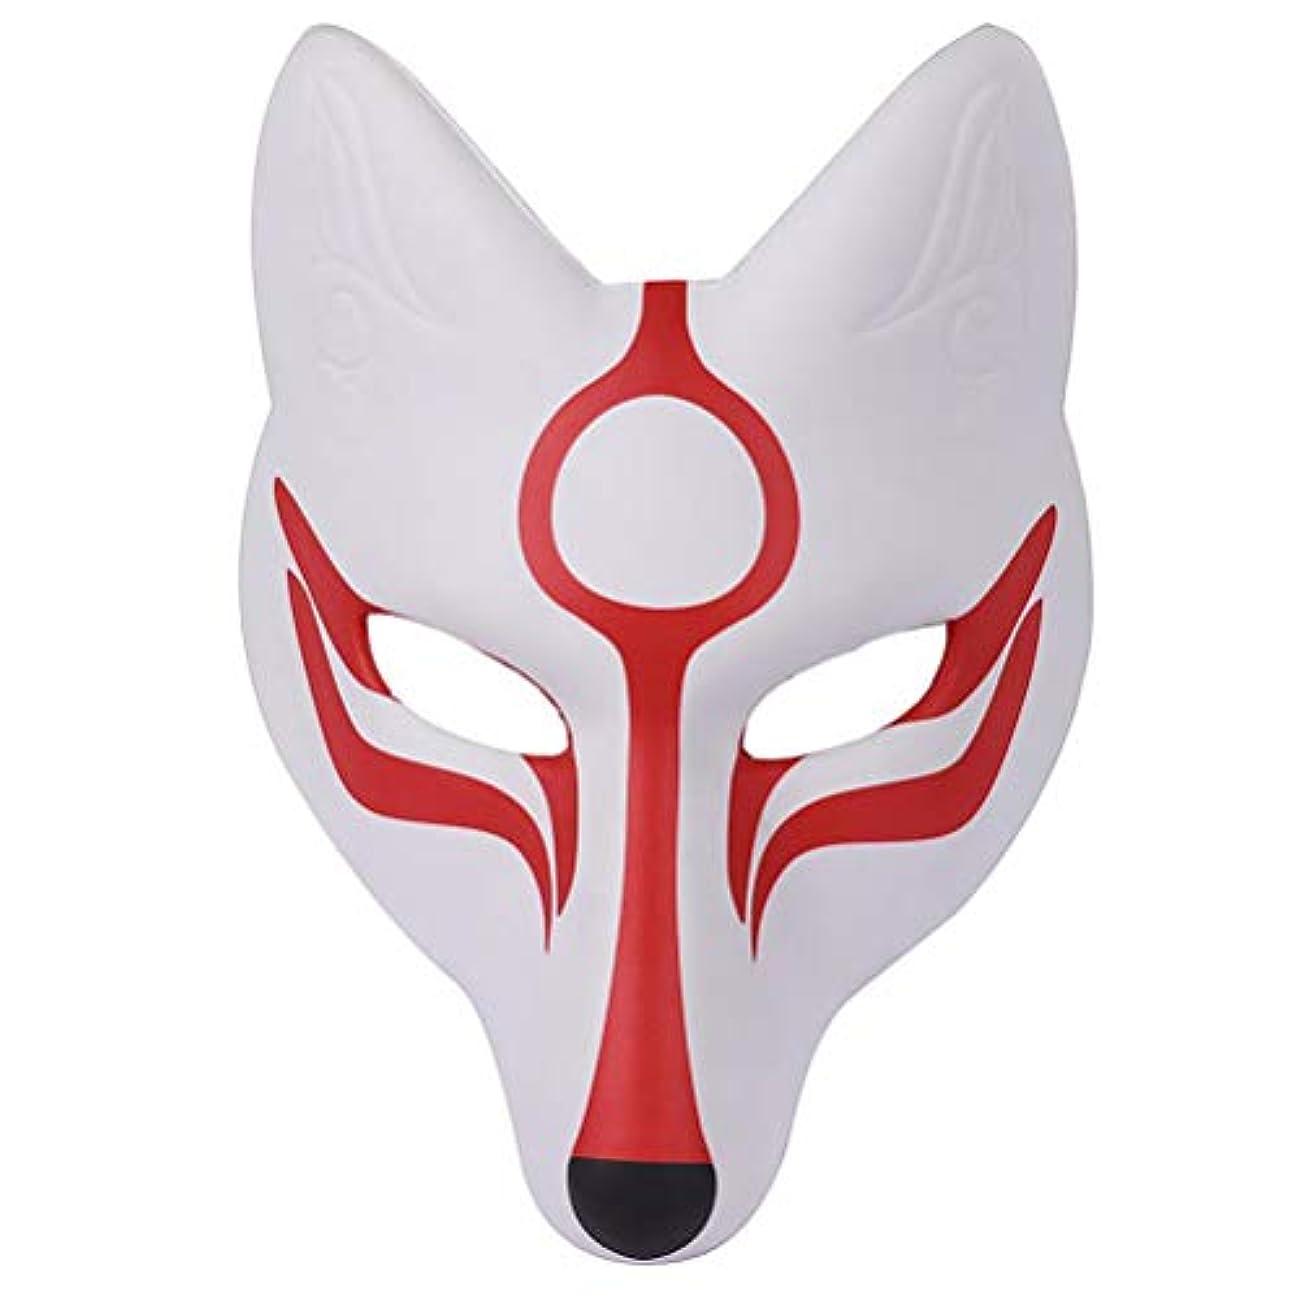 飾り羽かなりの暴露AMOSFUN フォックスマスク日本歌舞伎きつねマスク用男性女性子供ハロウィーン仮装衣装プロップ